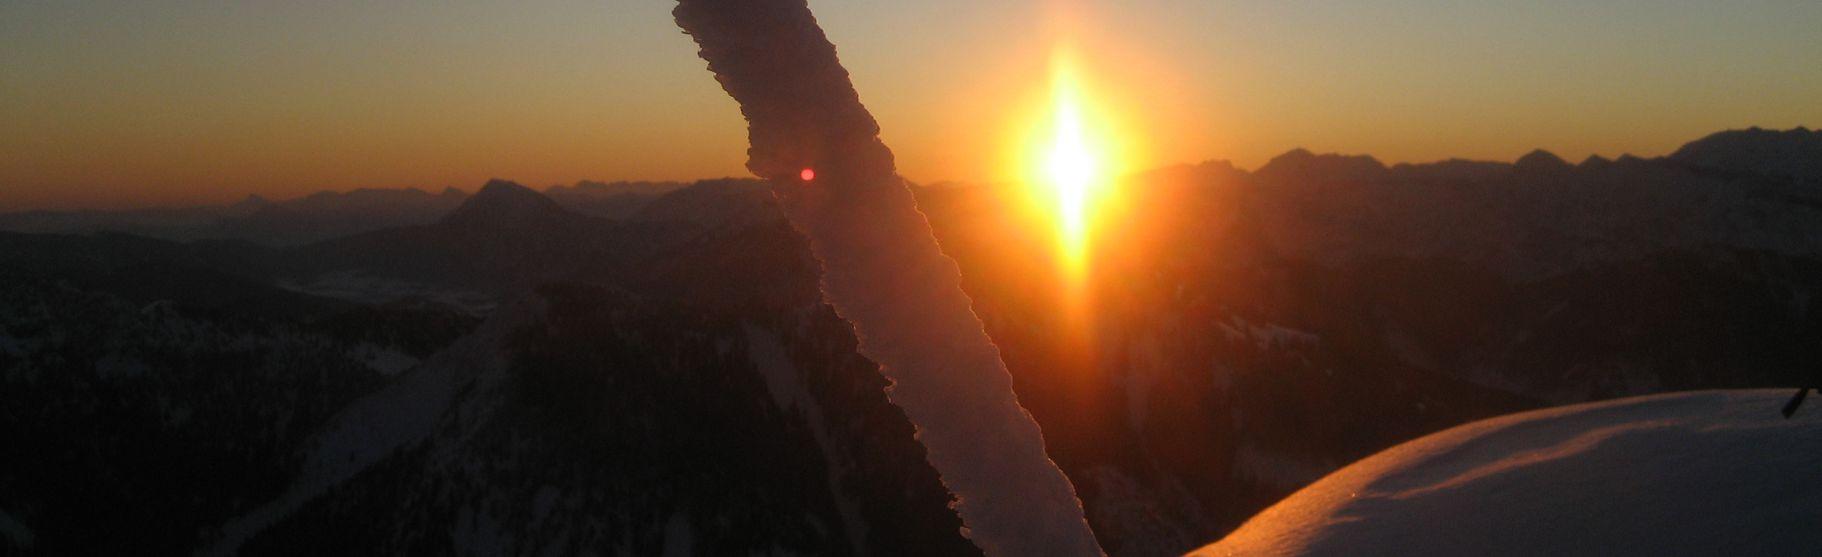 bergpanorama_sunset-winter.jpg